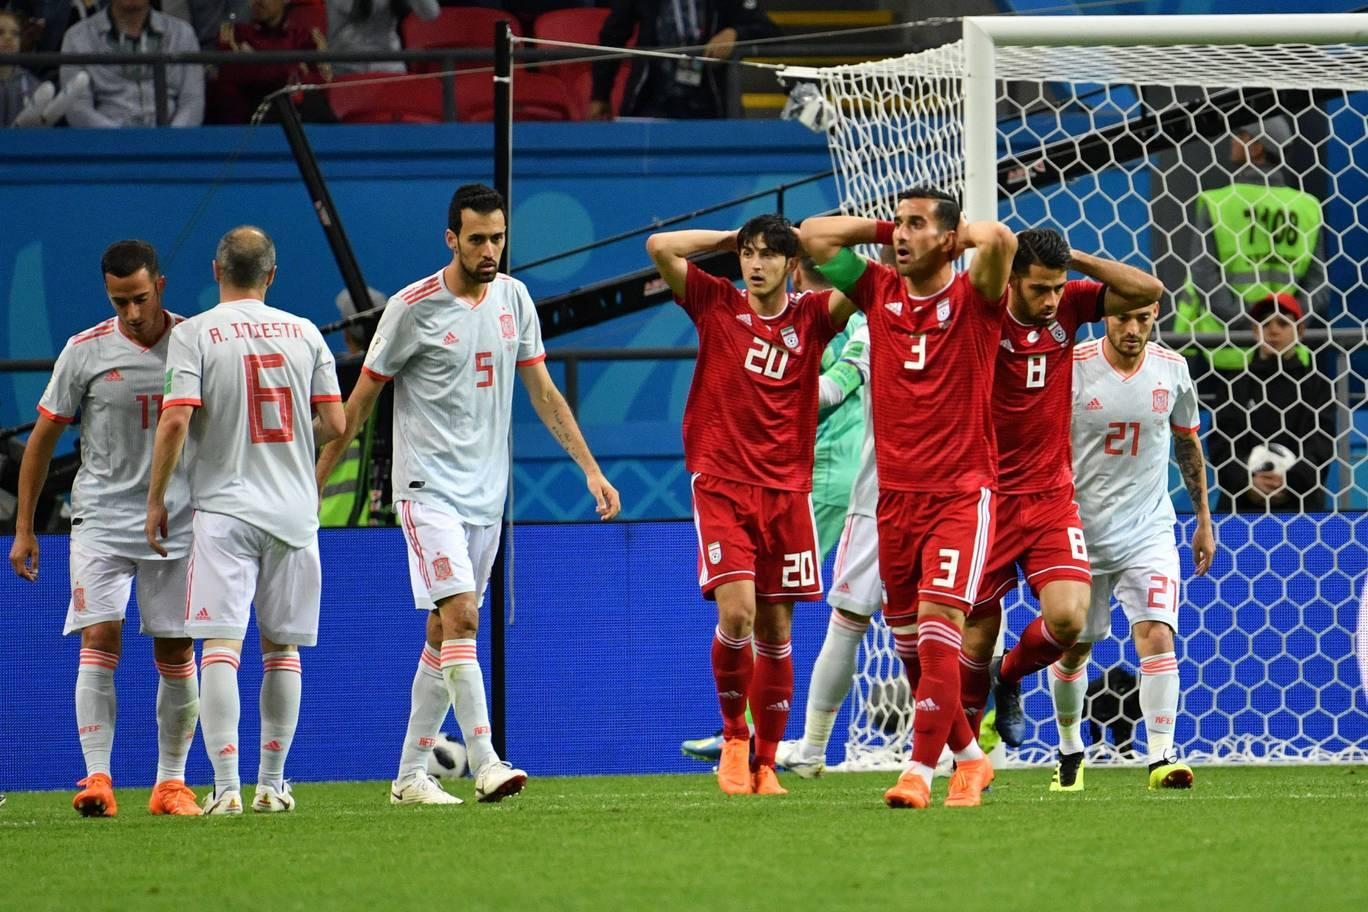 بازی ایران و اسپانیا در جام جهانی 2018